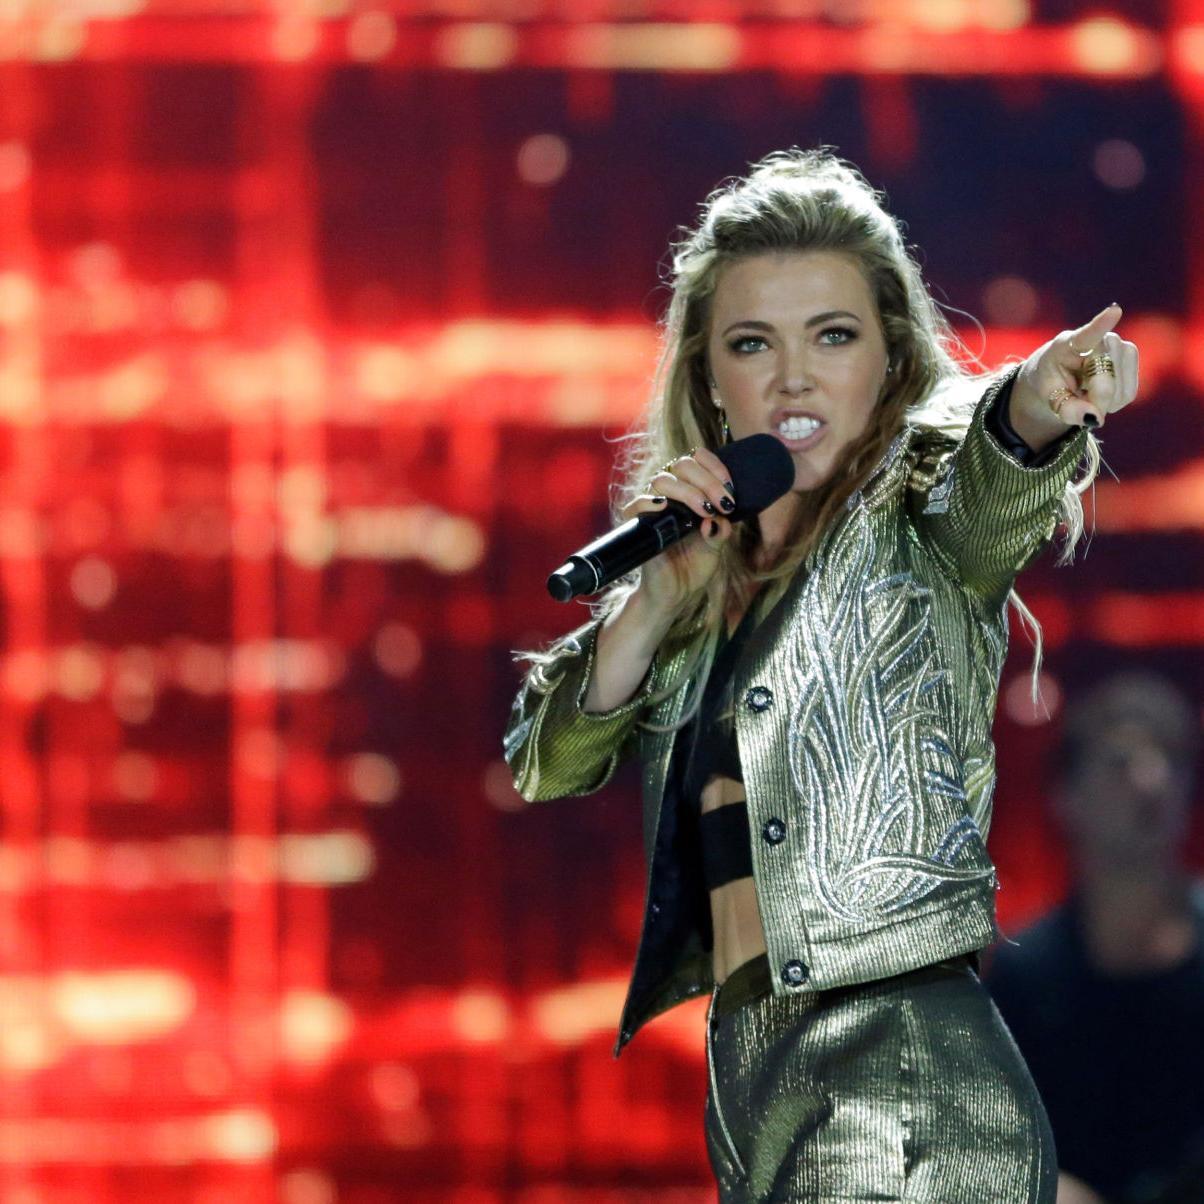 Fight Song' singer Rachel Platten, A Great Big World join